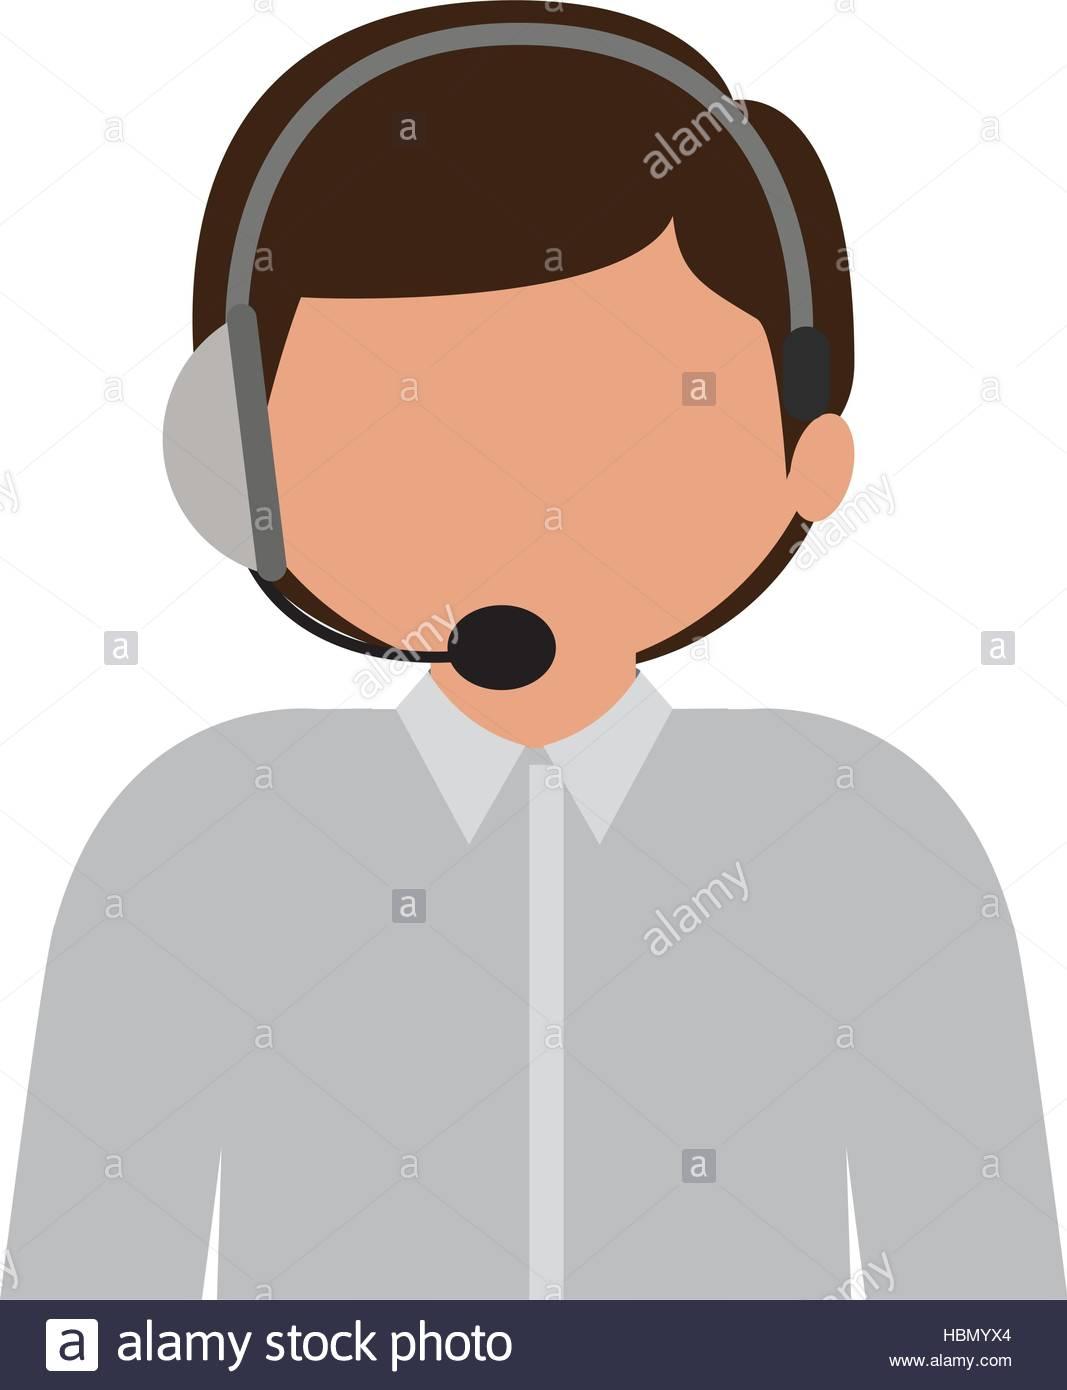 1067x1390 Male Customer Service Silhouette Icon Vector Illustration Stock